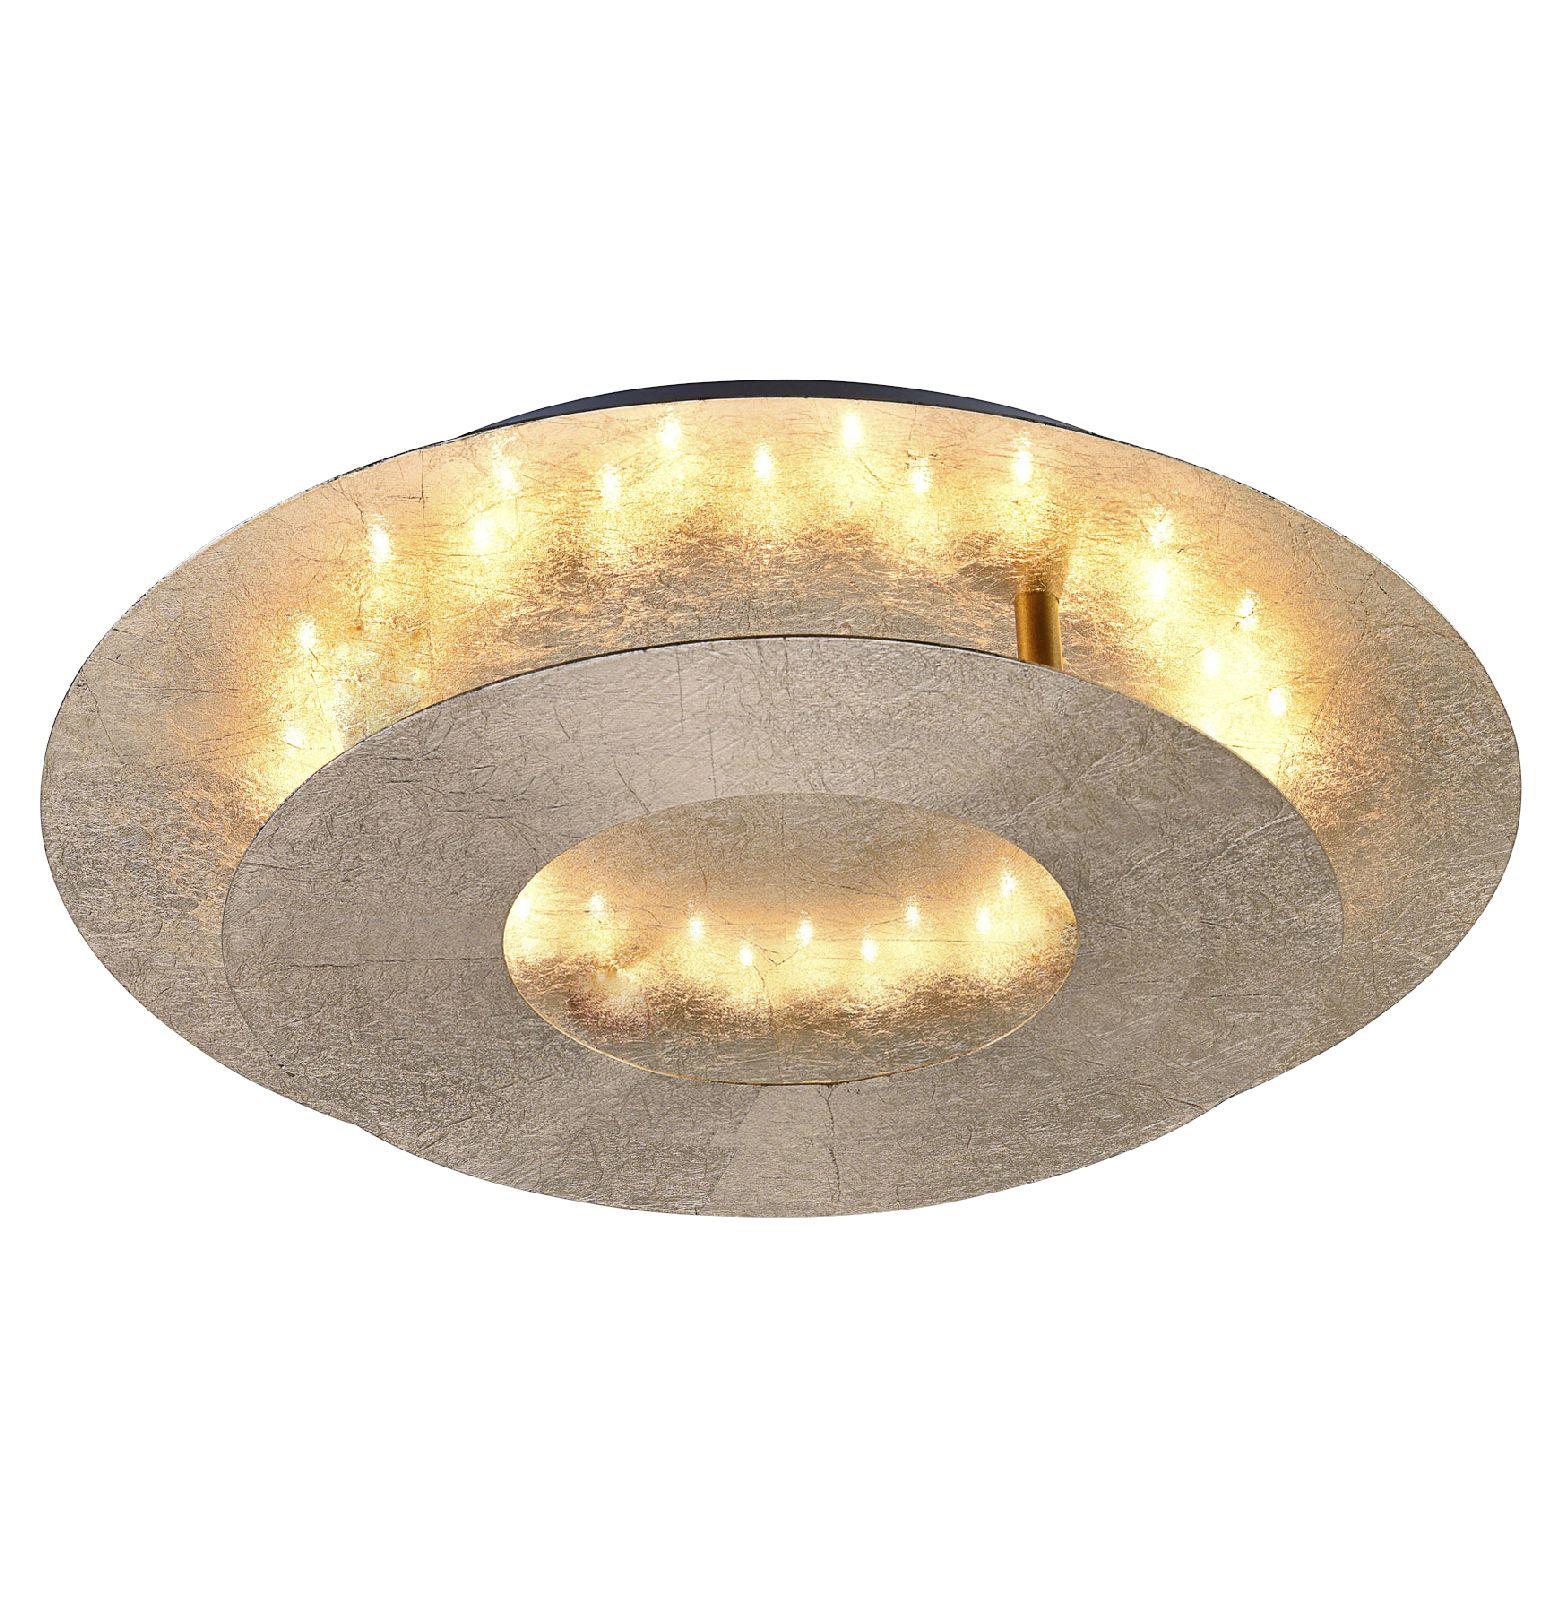 led wandleuchte paul neuhaus deckenlampe nevis 9011 12 flurbeleuchtung 6 watt ebay. Black Bedroom Furniture Sets. Home Design Ideas